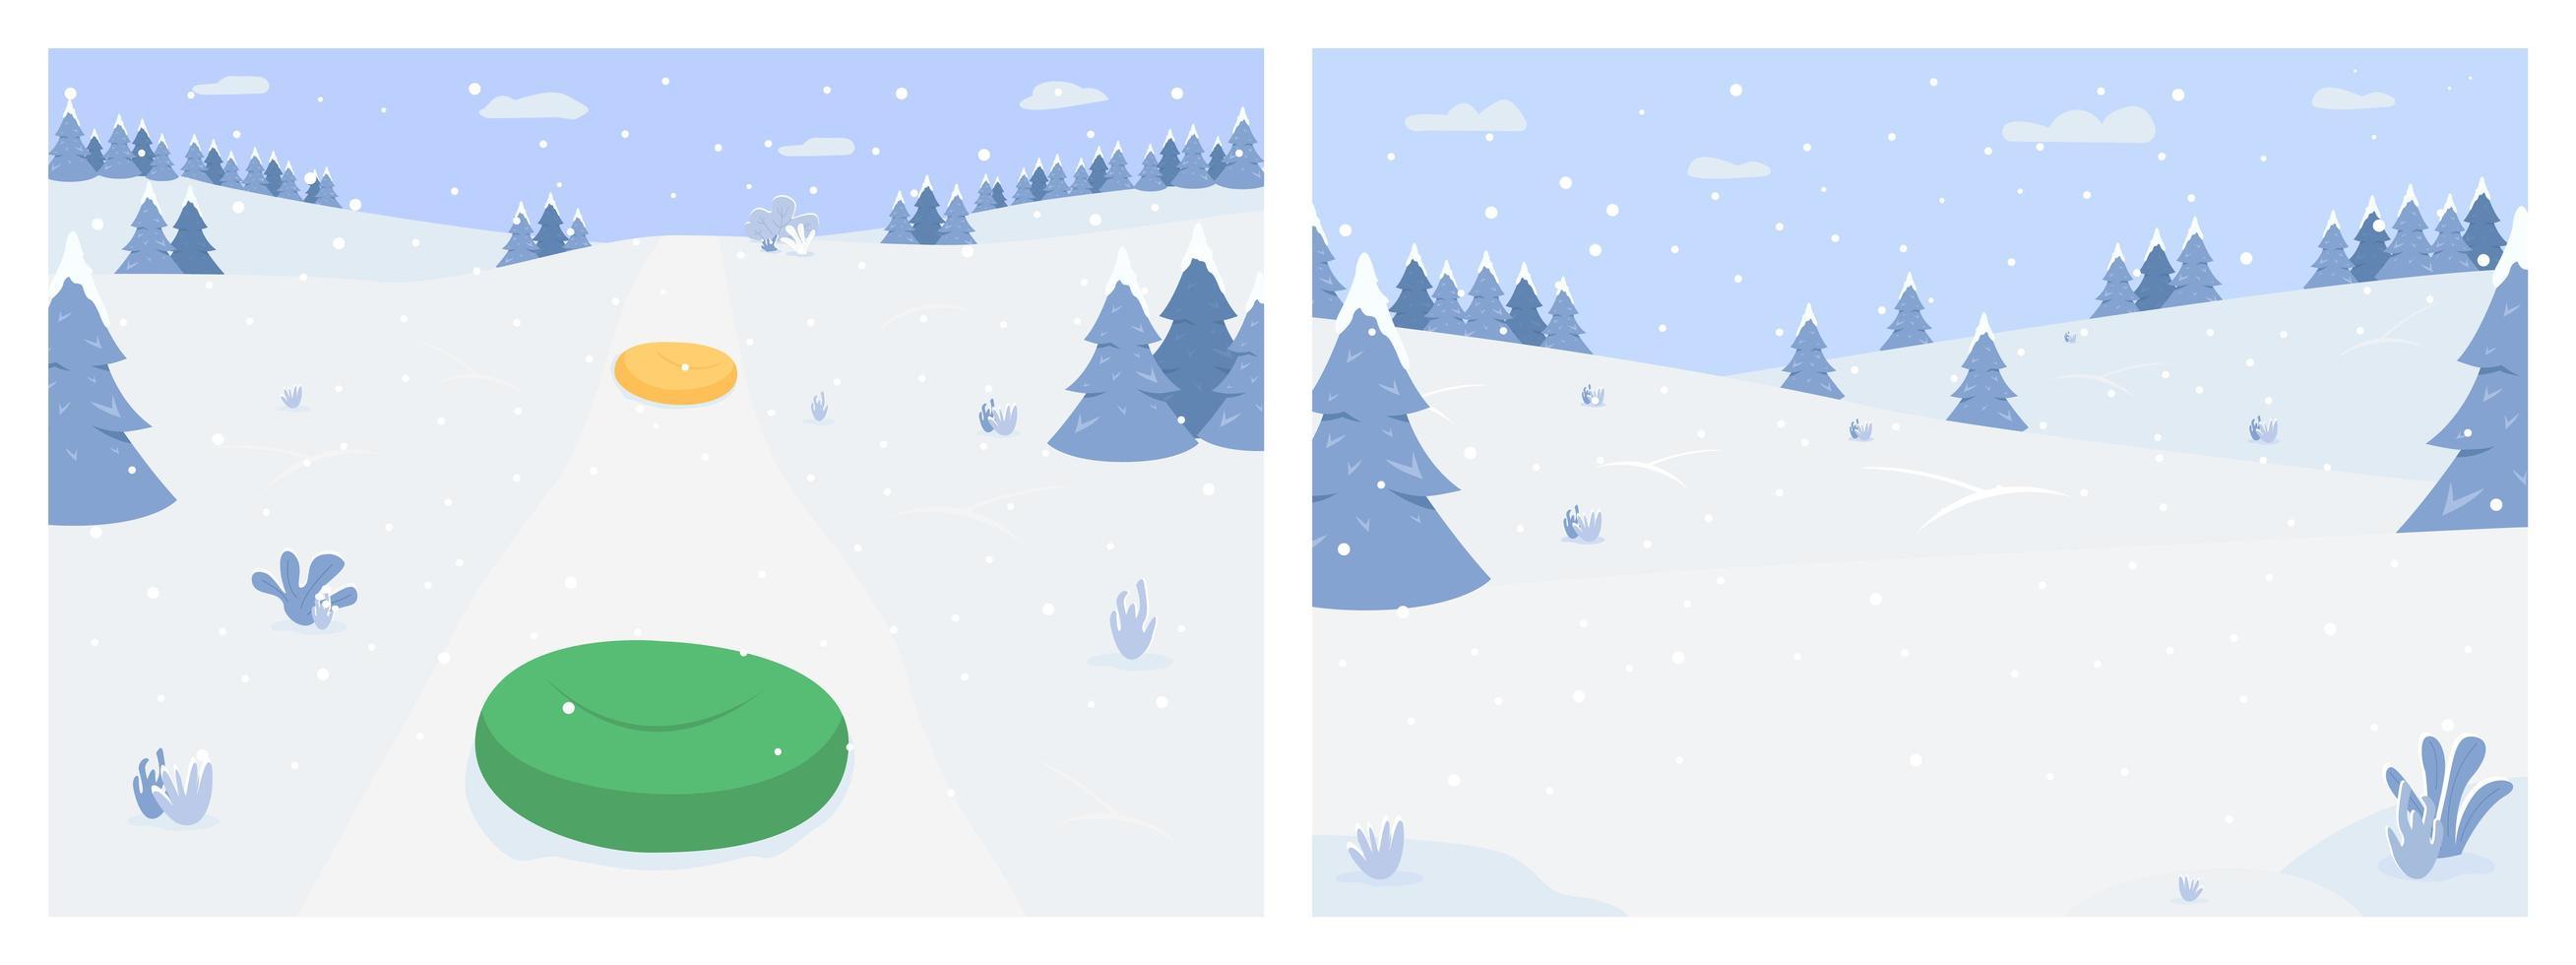 winteractiviteiten ingesteld vector